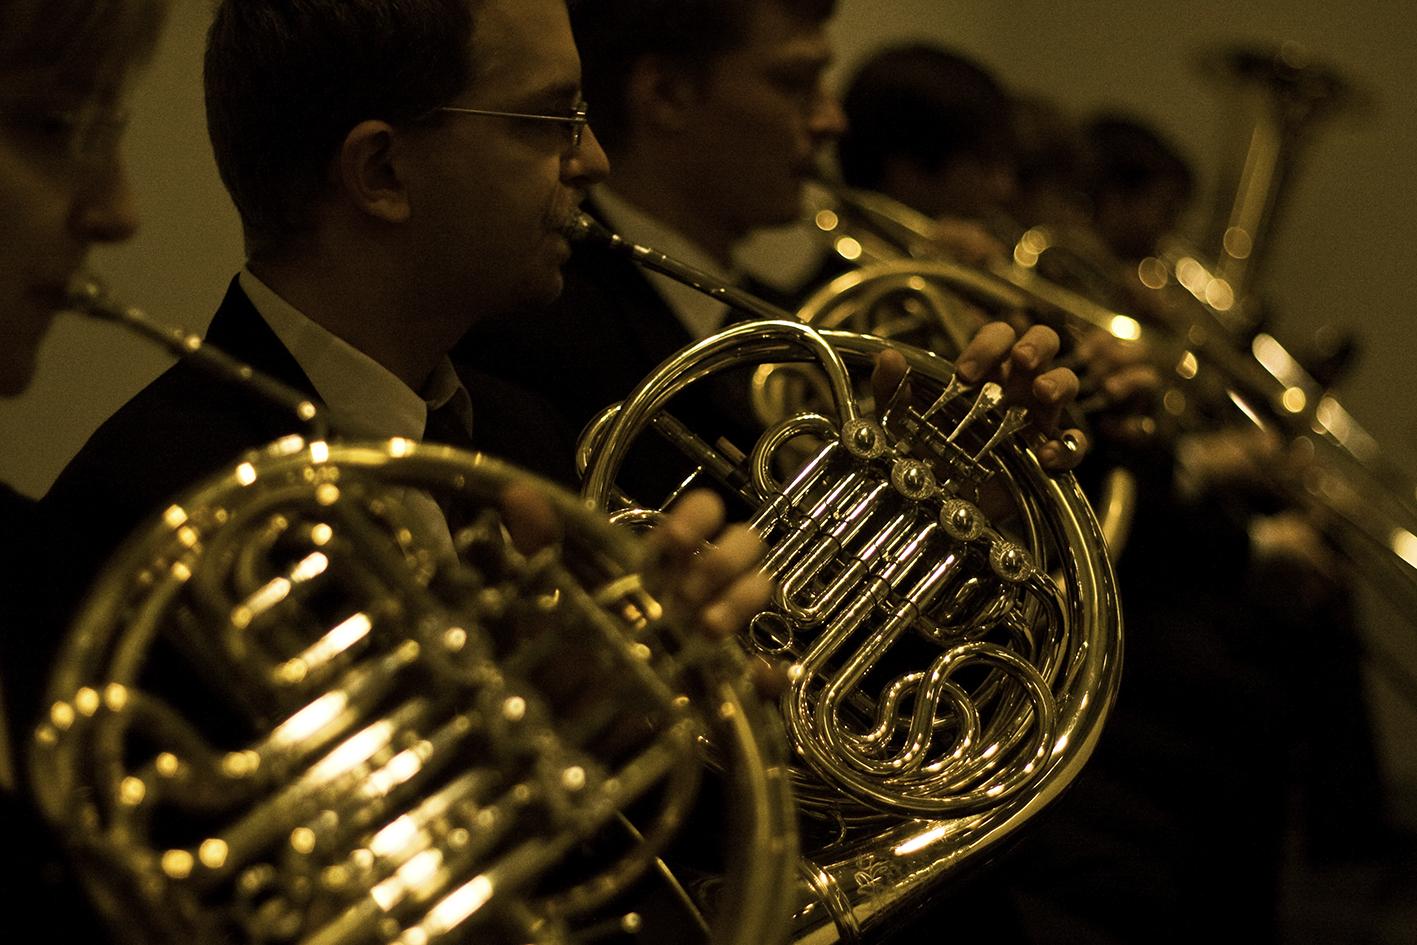 Hörner im Konzert